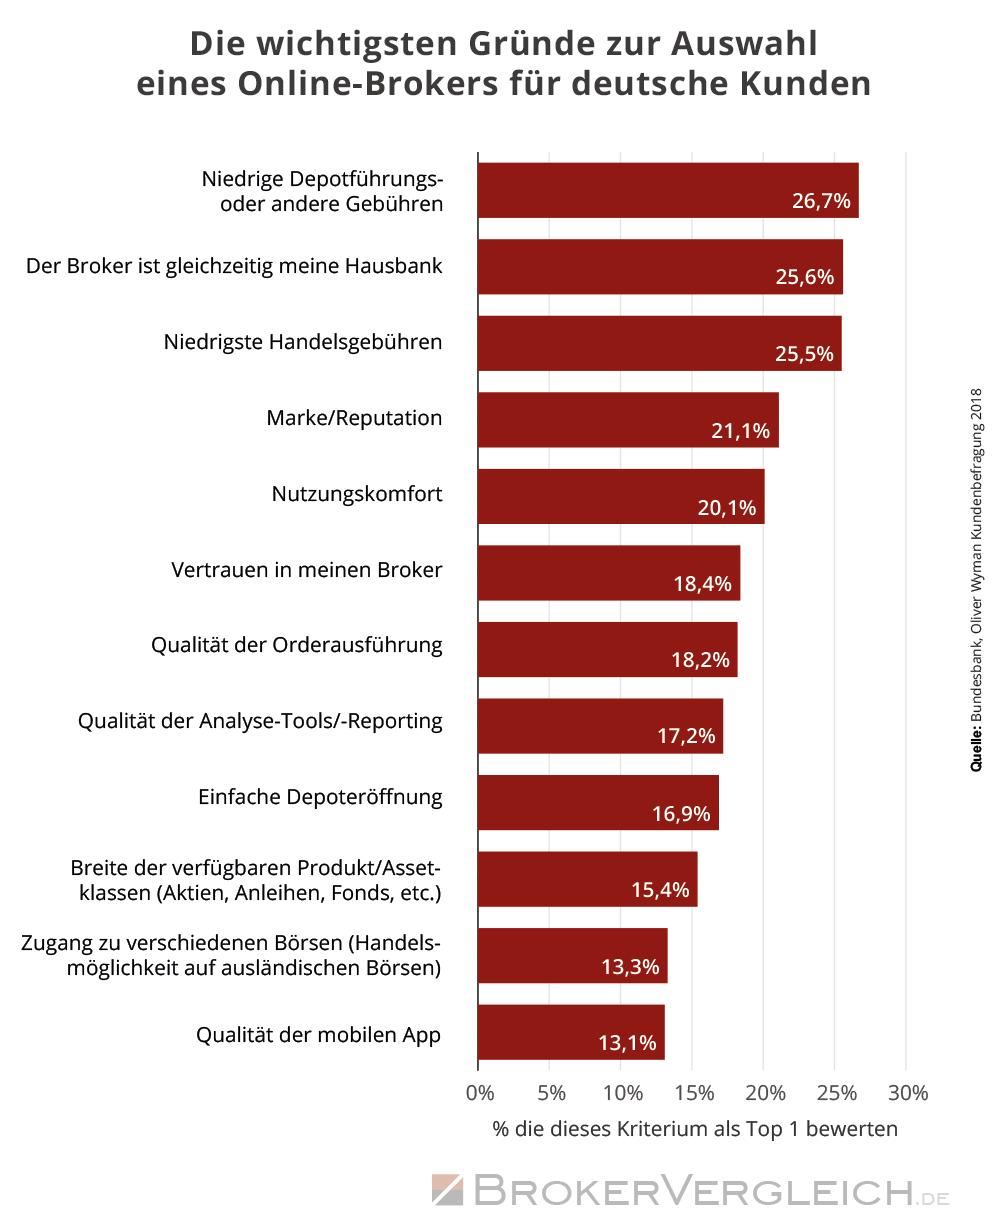 Infografik zu den wichtigsten Auswahlkriterien für Online-Broker